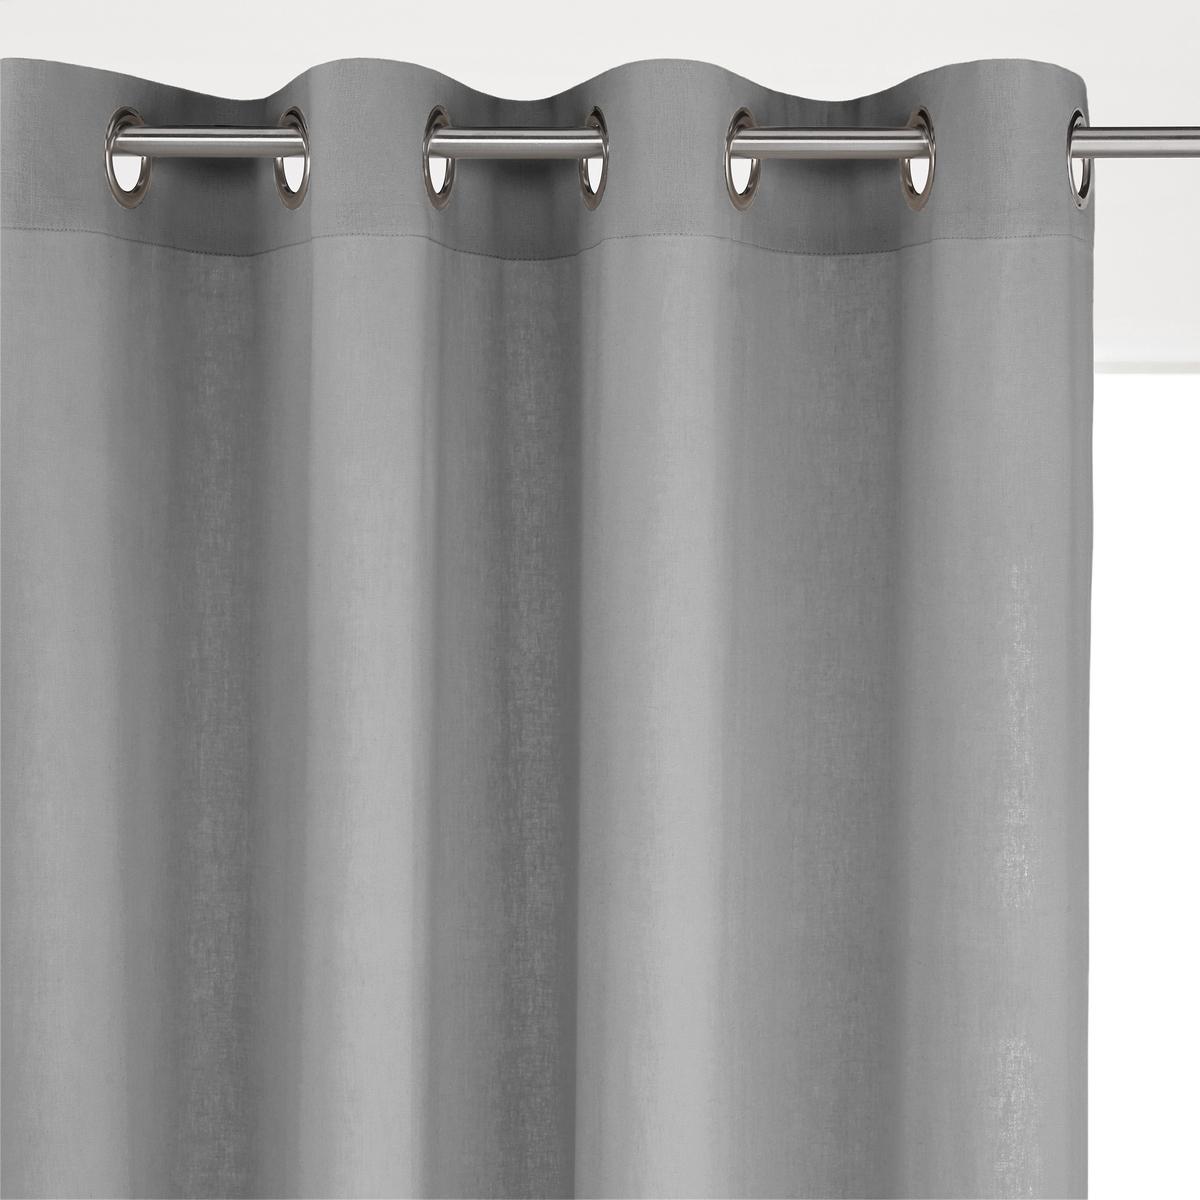 Штора LaRedoute Из льна и вискозы с люверсами ODORIE 350 x 135 см серый скатерть laredoute из льна linette 180 x 350 см белый